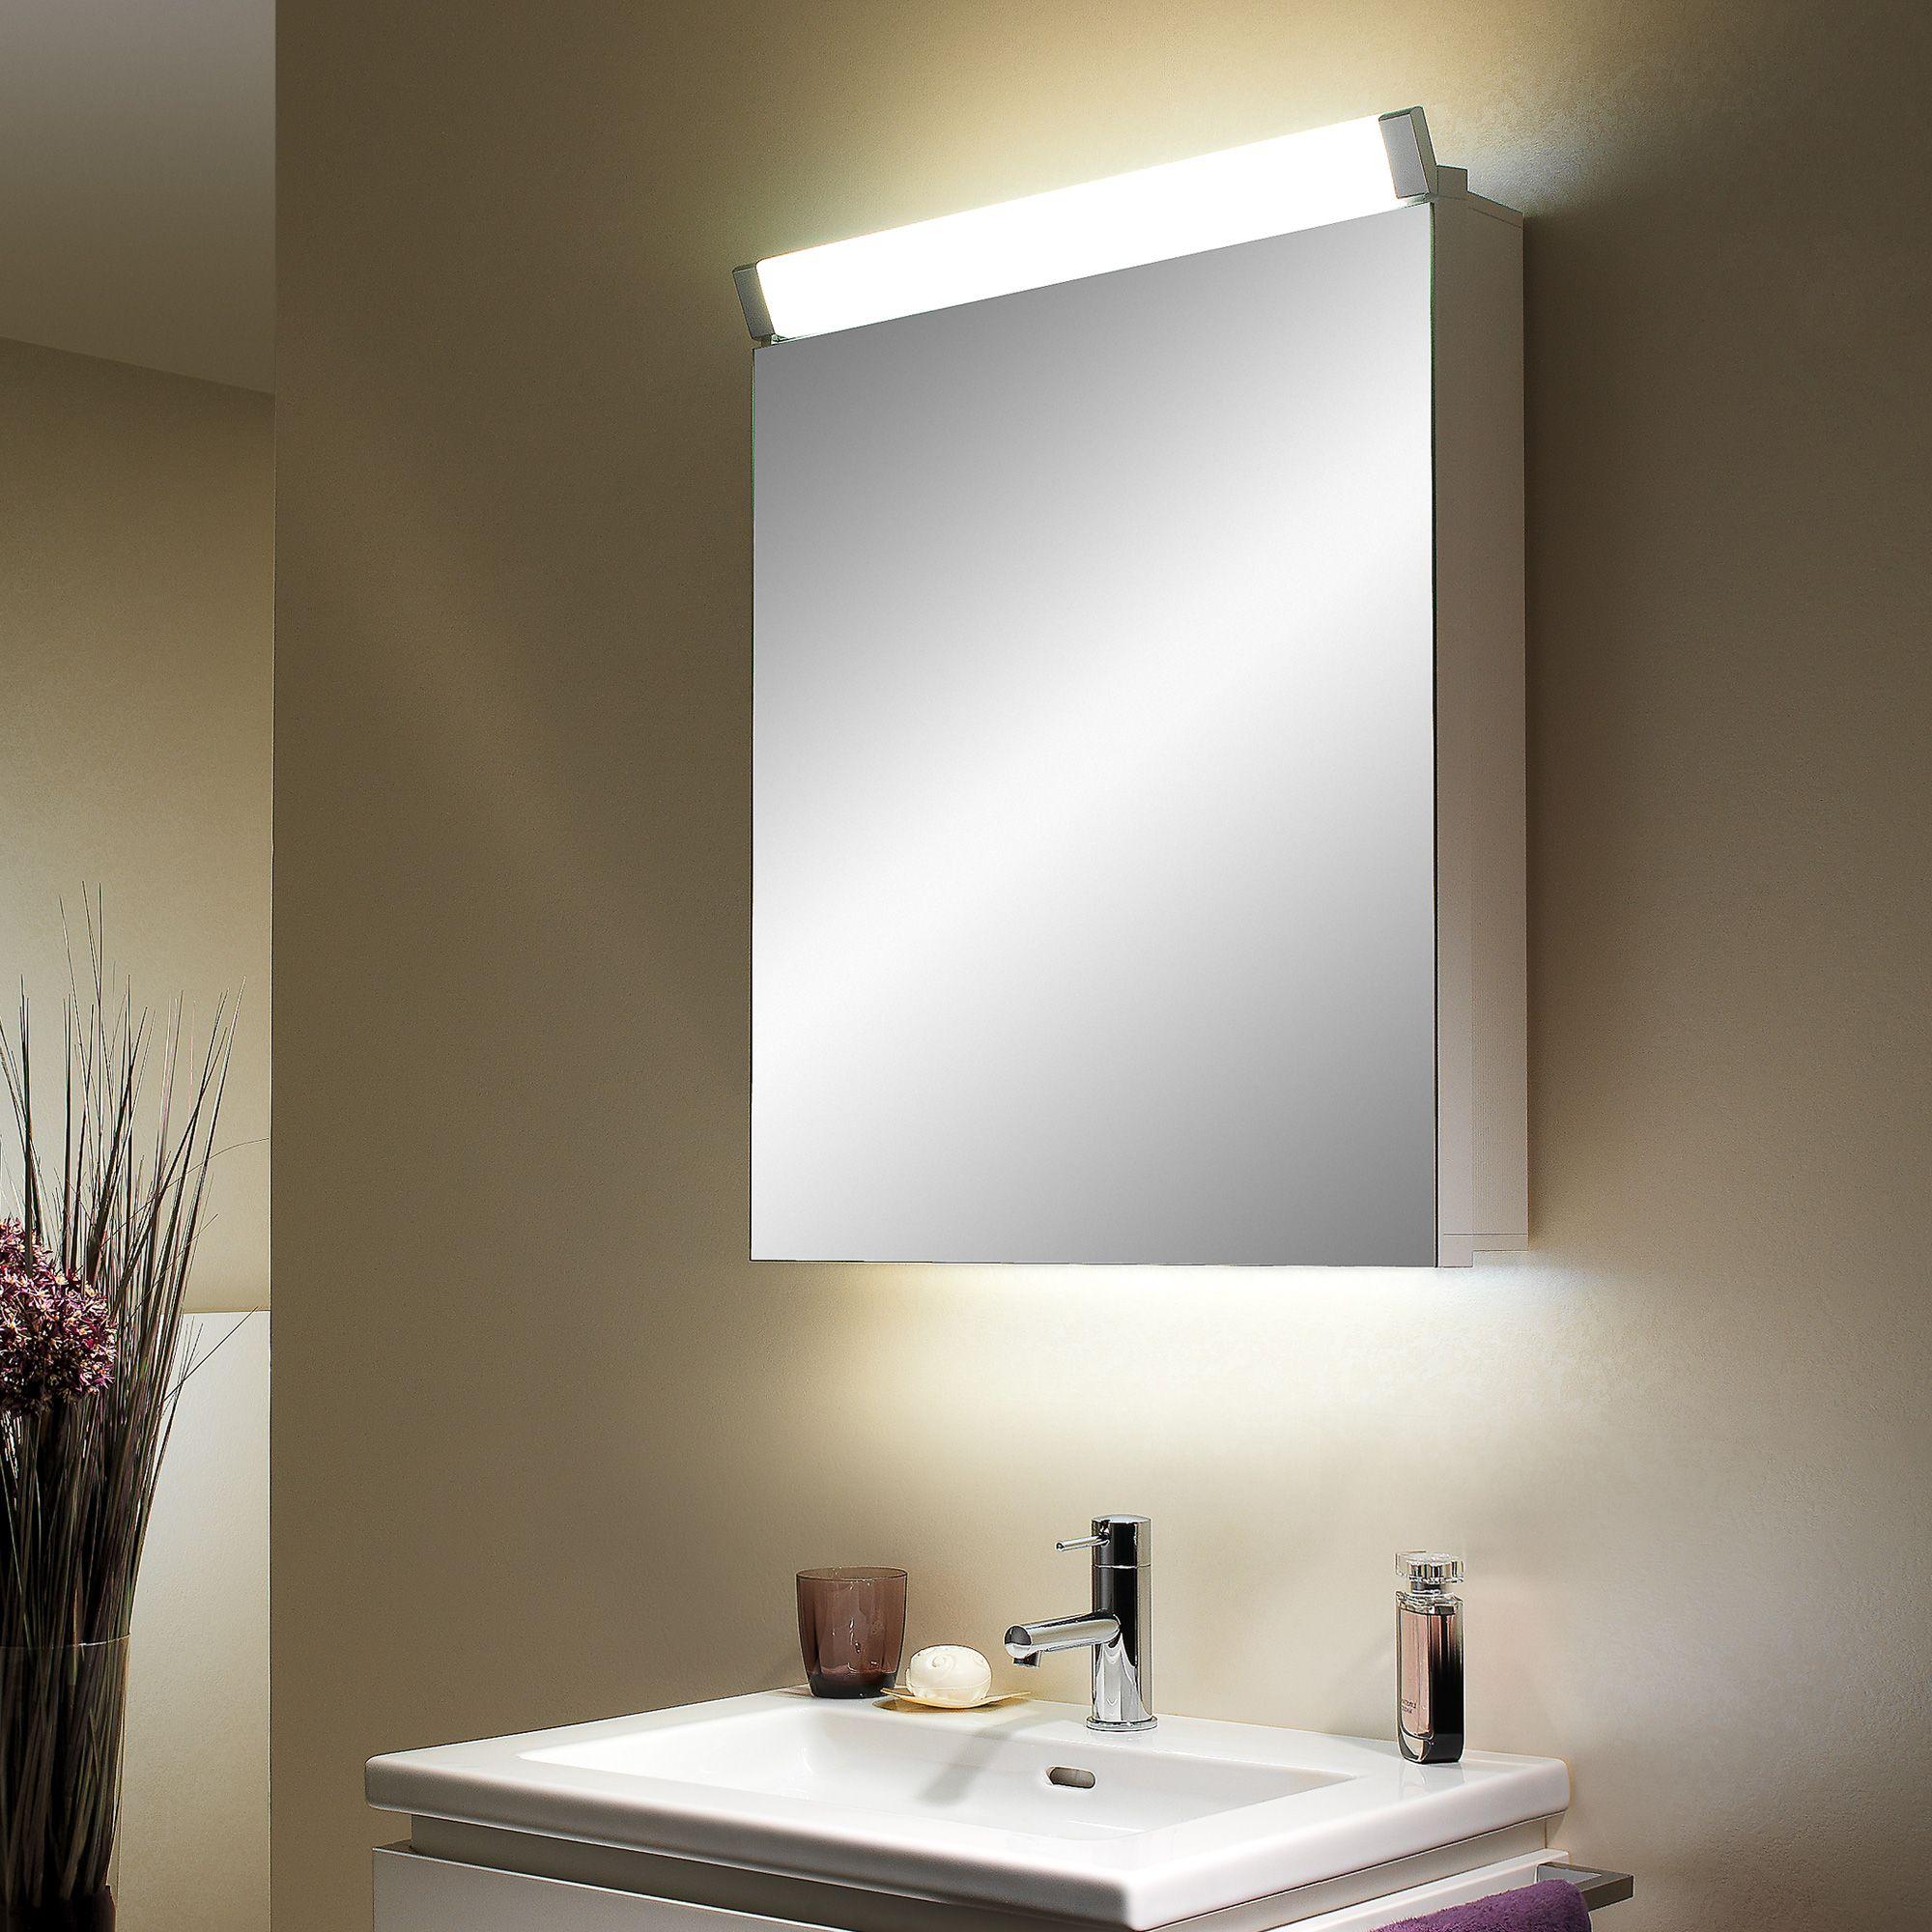 Schneider Paliline Illuminated Mirror Cabinet With 1 Door W 60 H 76 D 145 Cm Schn 159 050 02 50 0 Jpg 2000 2000 Mirror Cabinets Bathroom Design Mirror